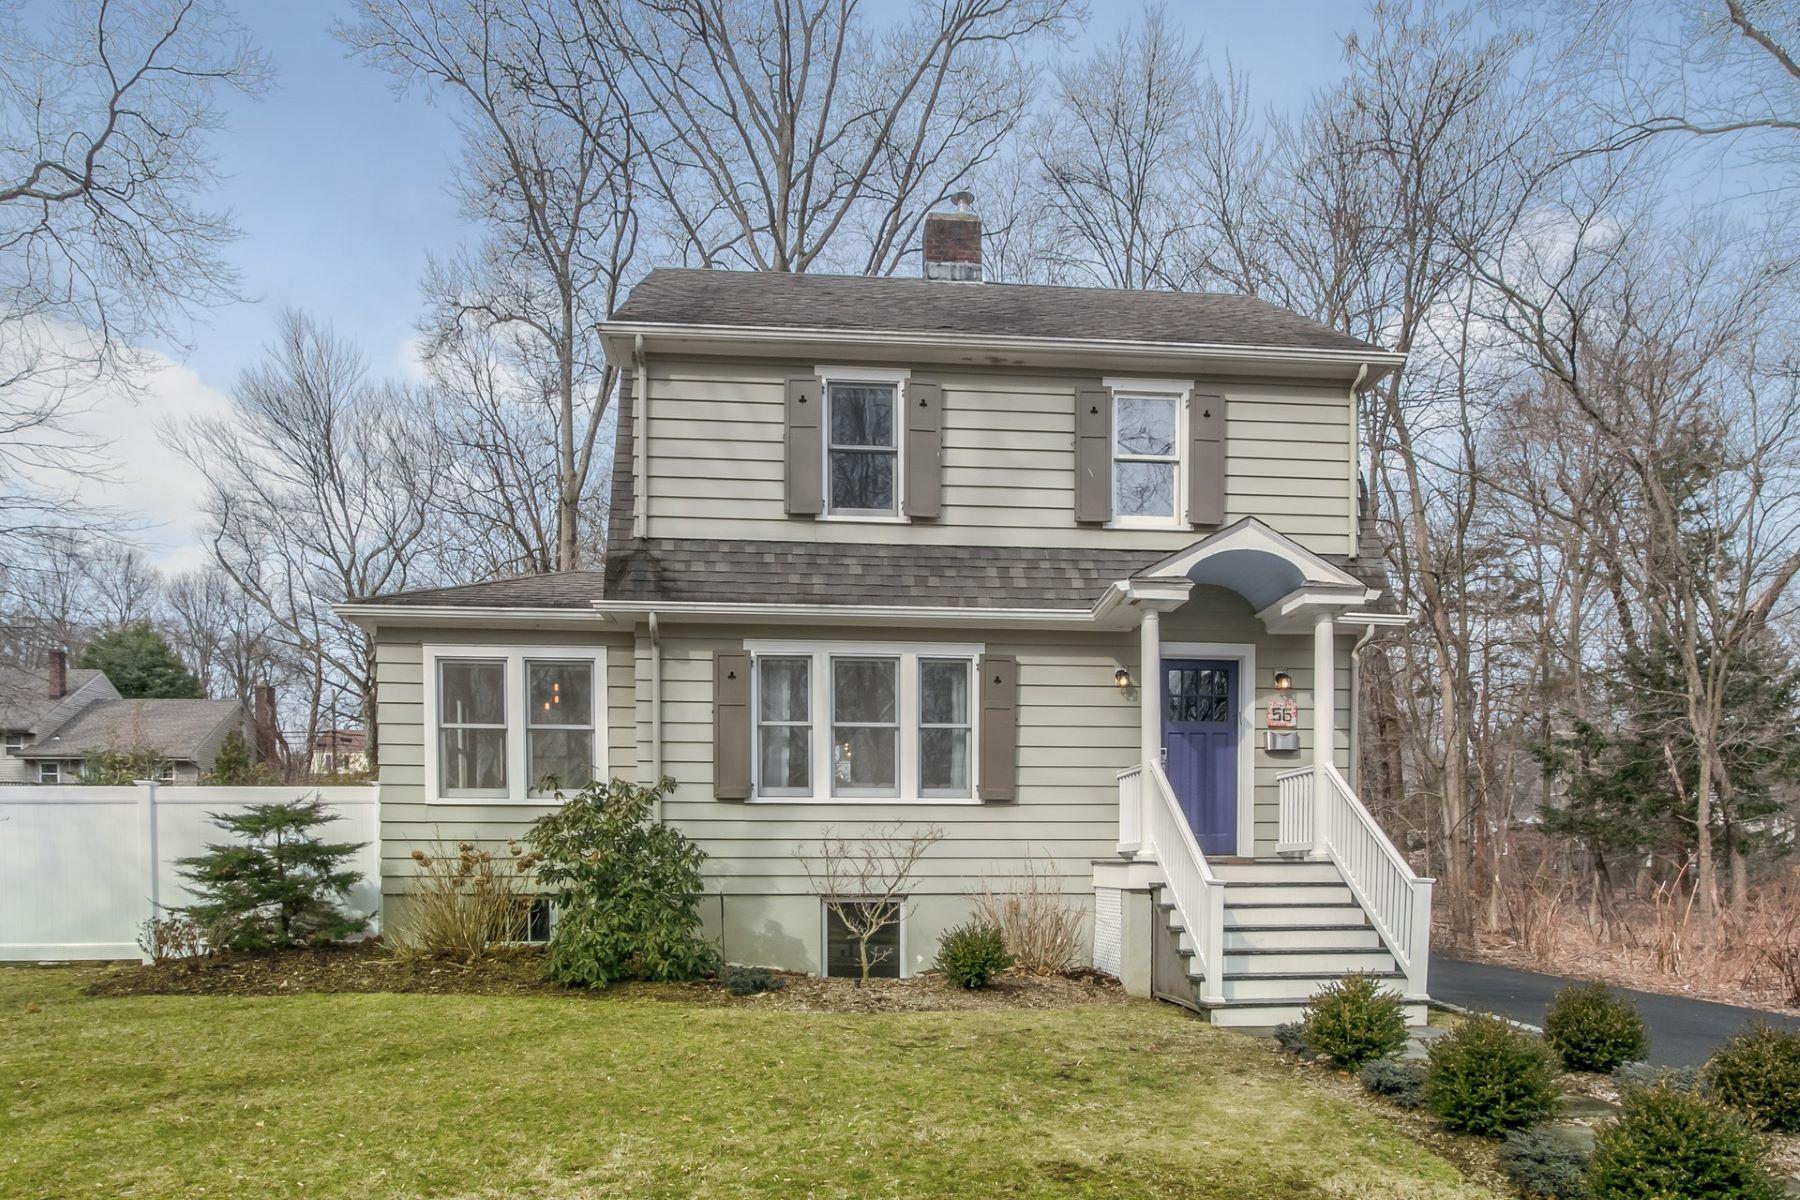 Moradia para Venda às Charming Colonial 56 Julia Street, Closter, Nova Jersey 07624 Estados Unidos